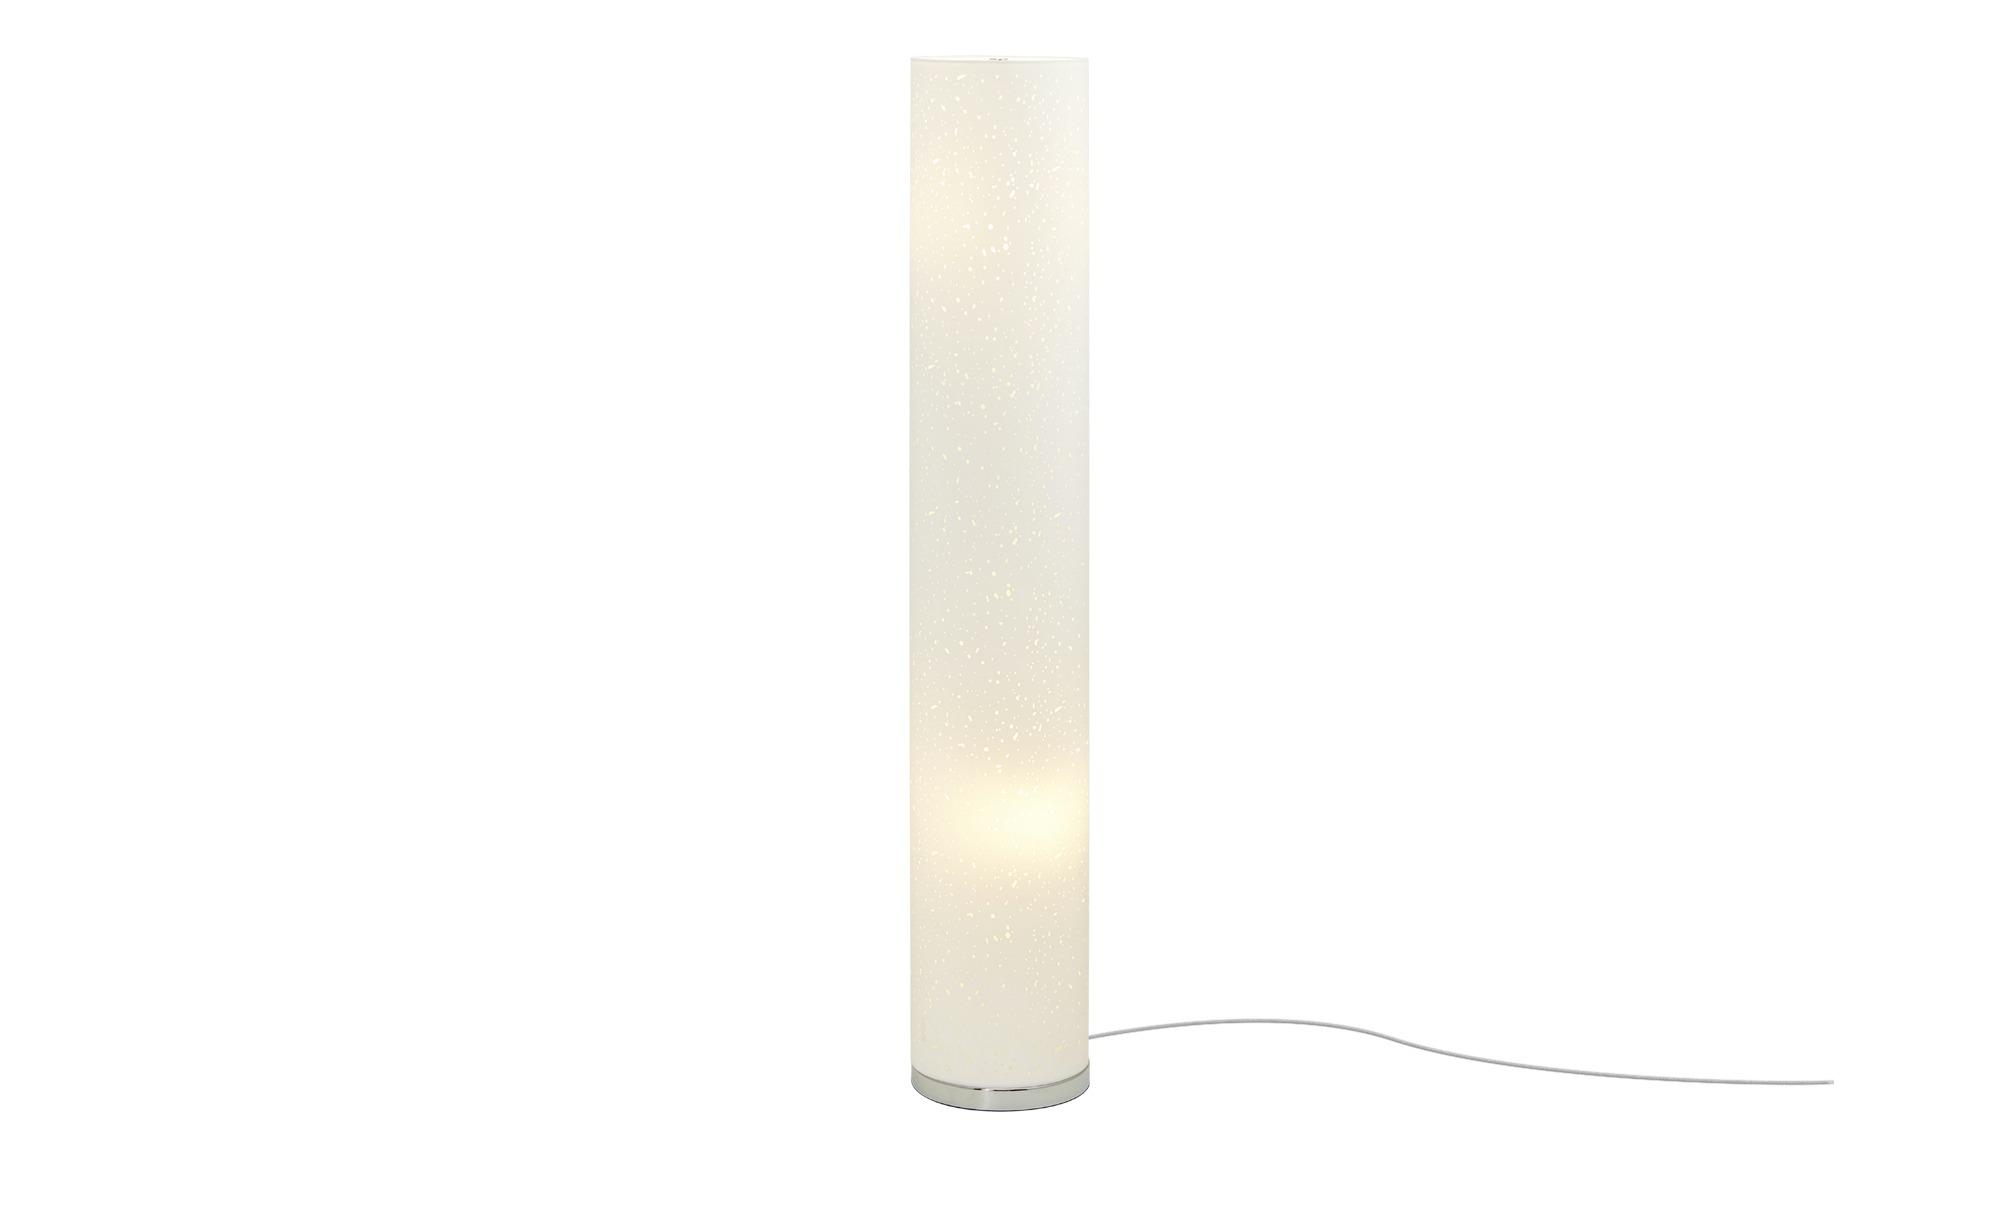 Fischer-Honsel Stehleuchte, 2-flammig, Weiß mit Dekor ¦ weiß ¦ Maße (cm): H: 110 Ø: [19.0] Lampen & Leuchten > Innenleuchten > Stehlampen - Höffner